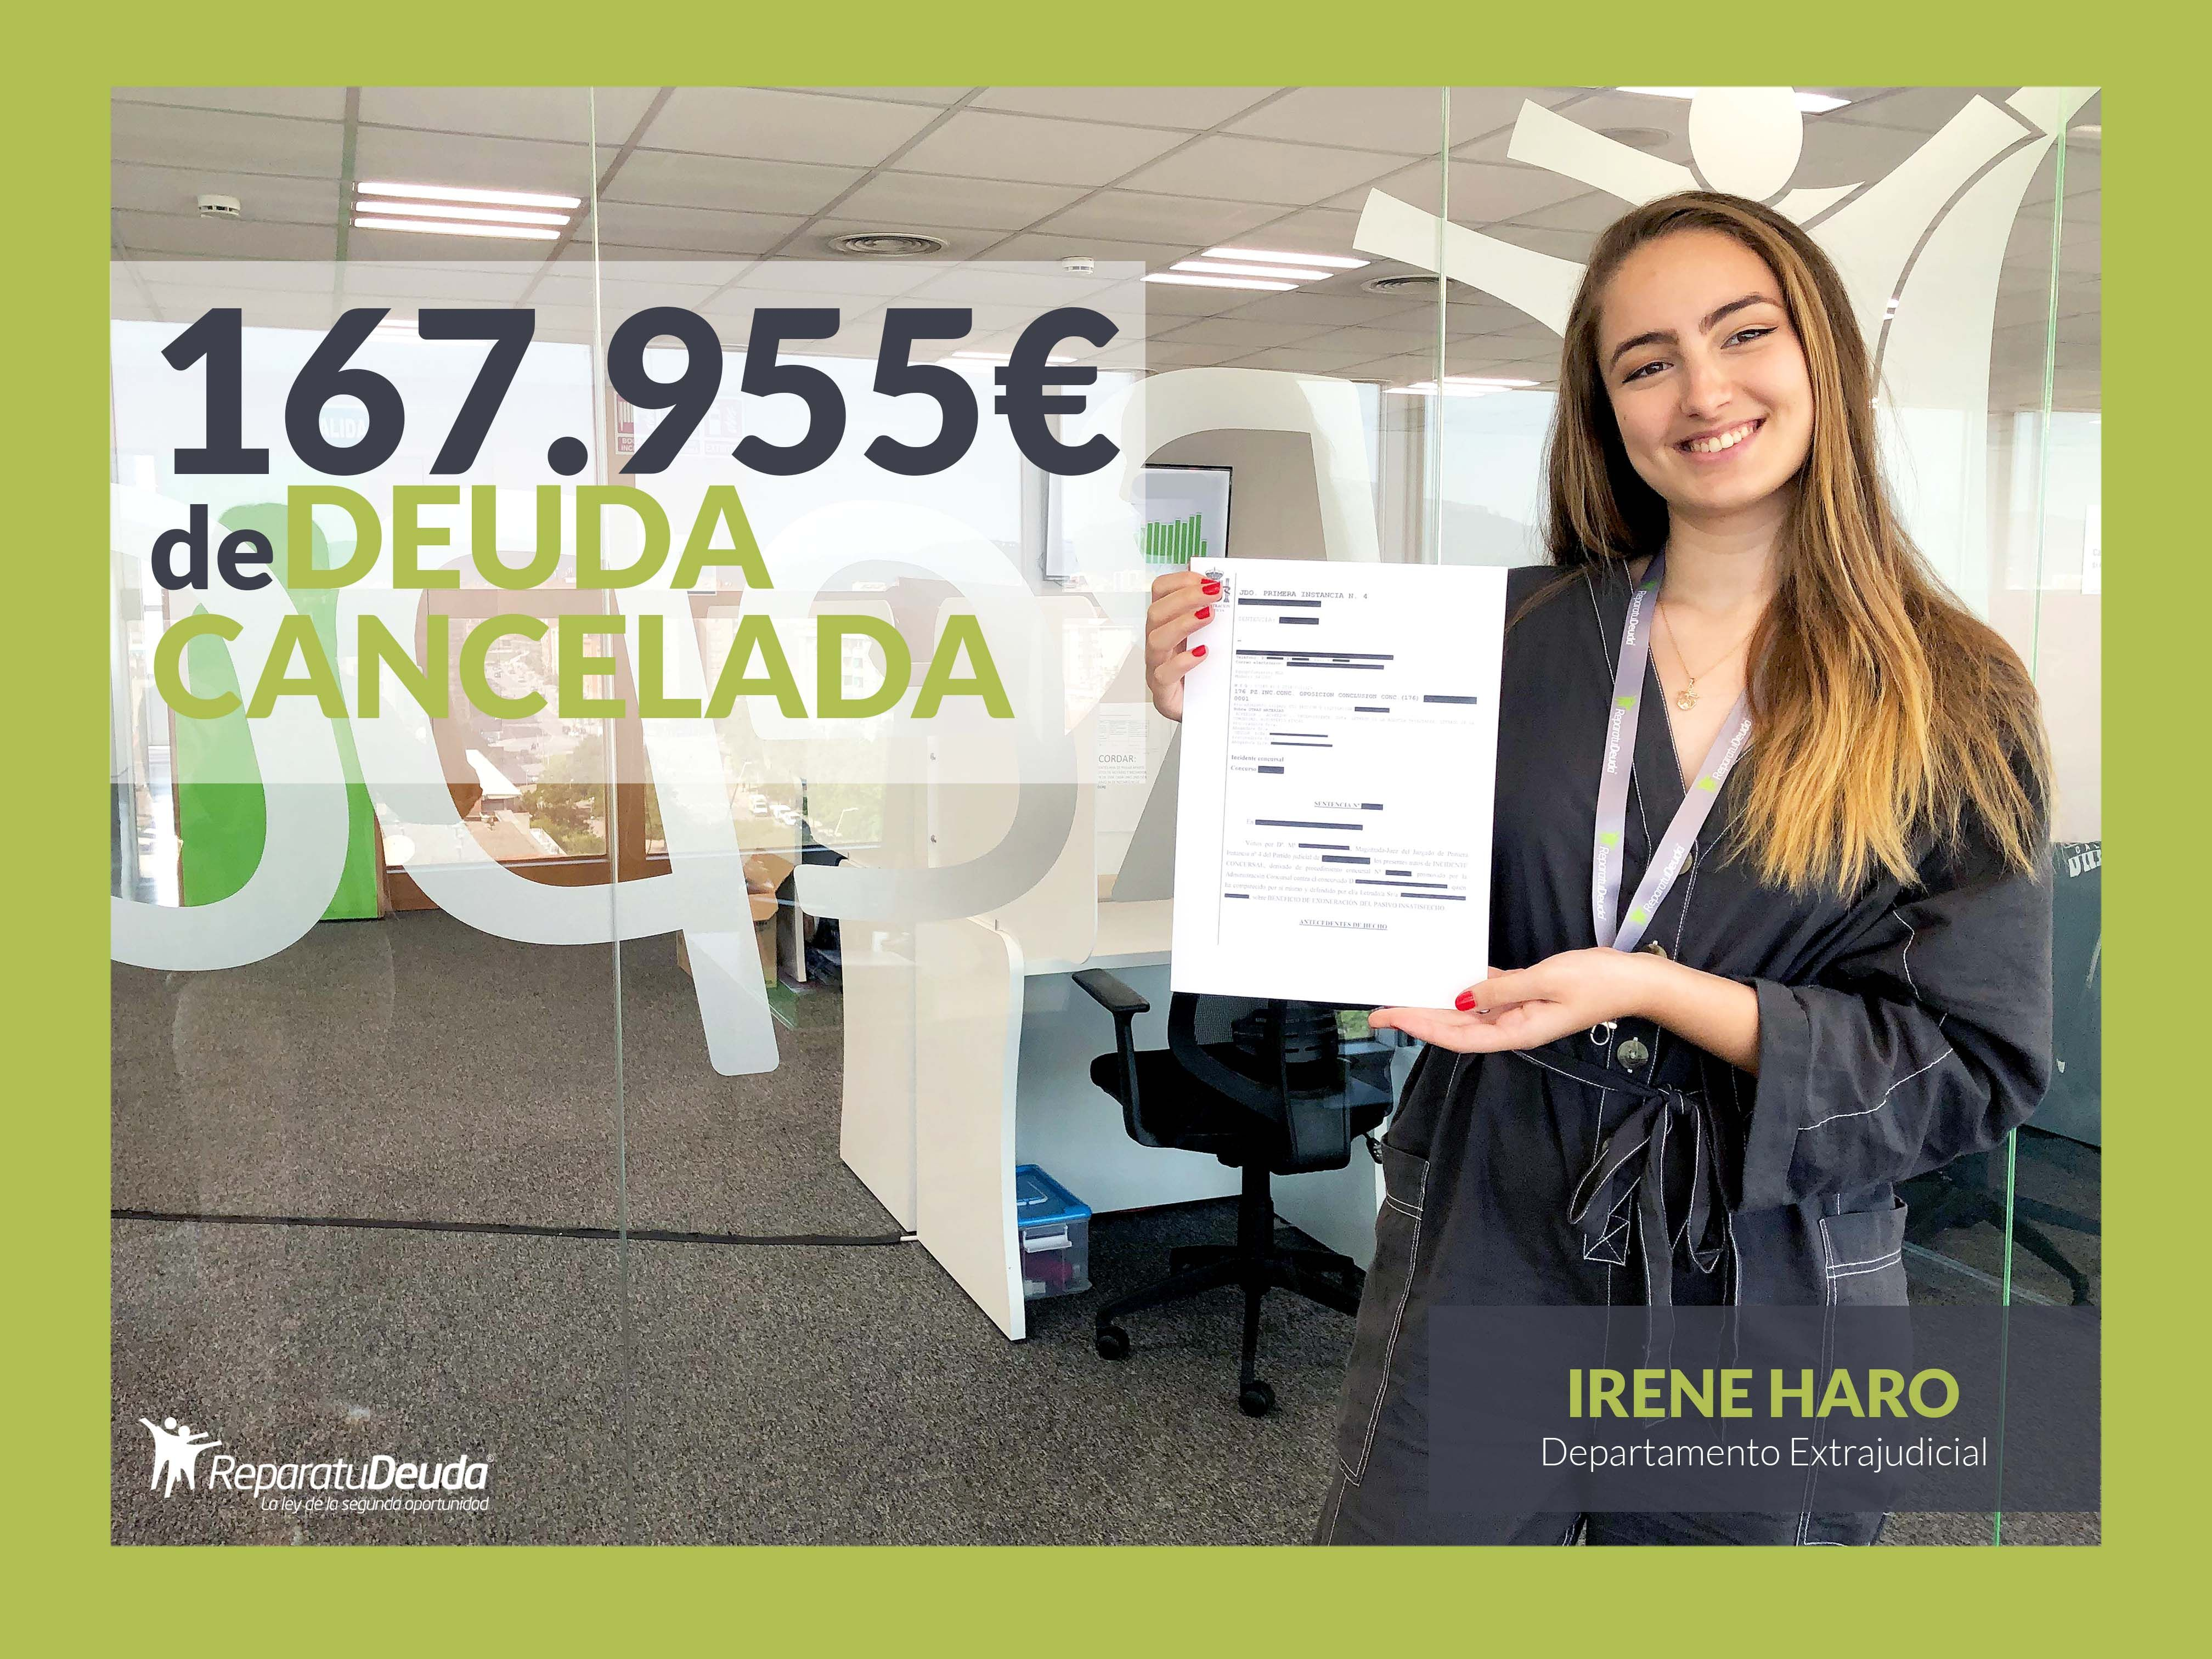 Repara tu Deuda abogados cancela 481.359 ? de deuda en Lleida, con la Ley de la Segunda oportunidad